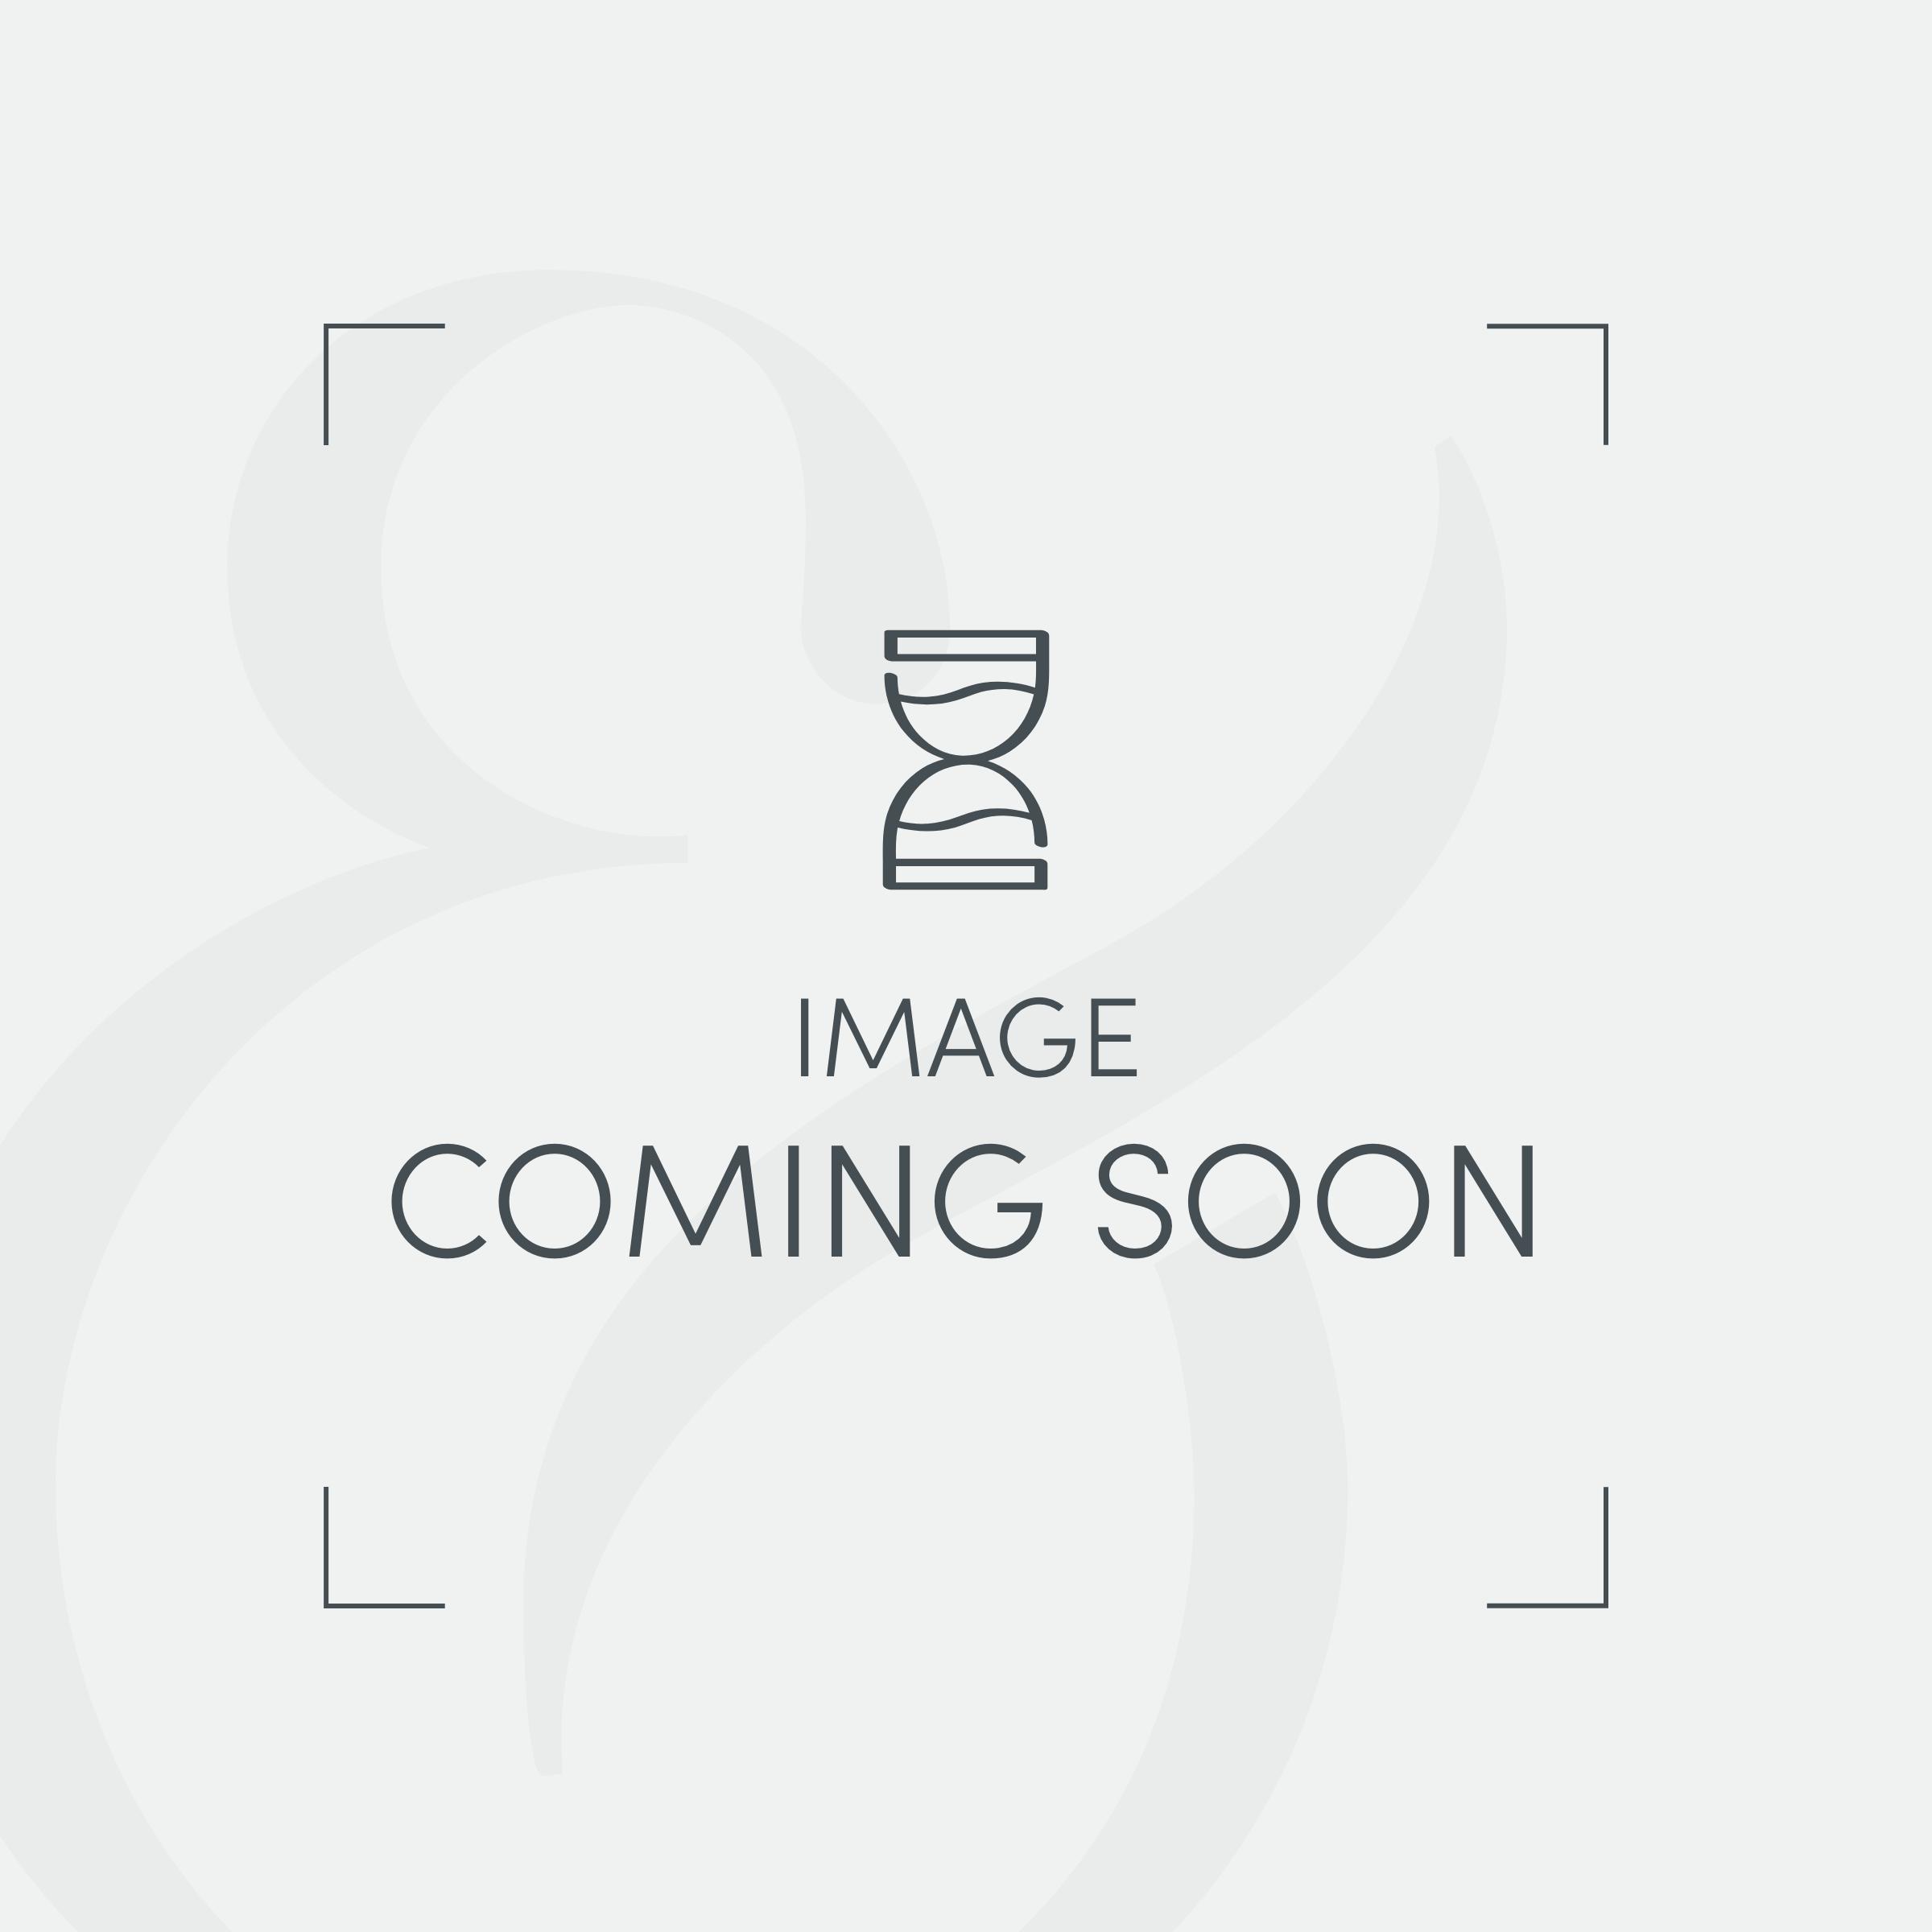 Special Buy 400TC Dobby Stripe - King Duvet Cover - White